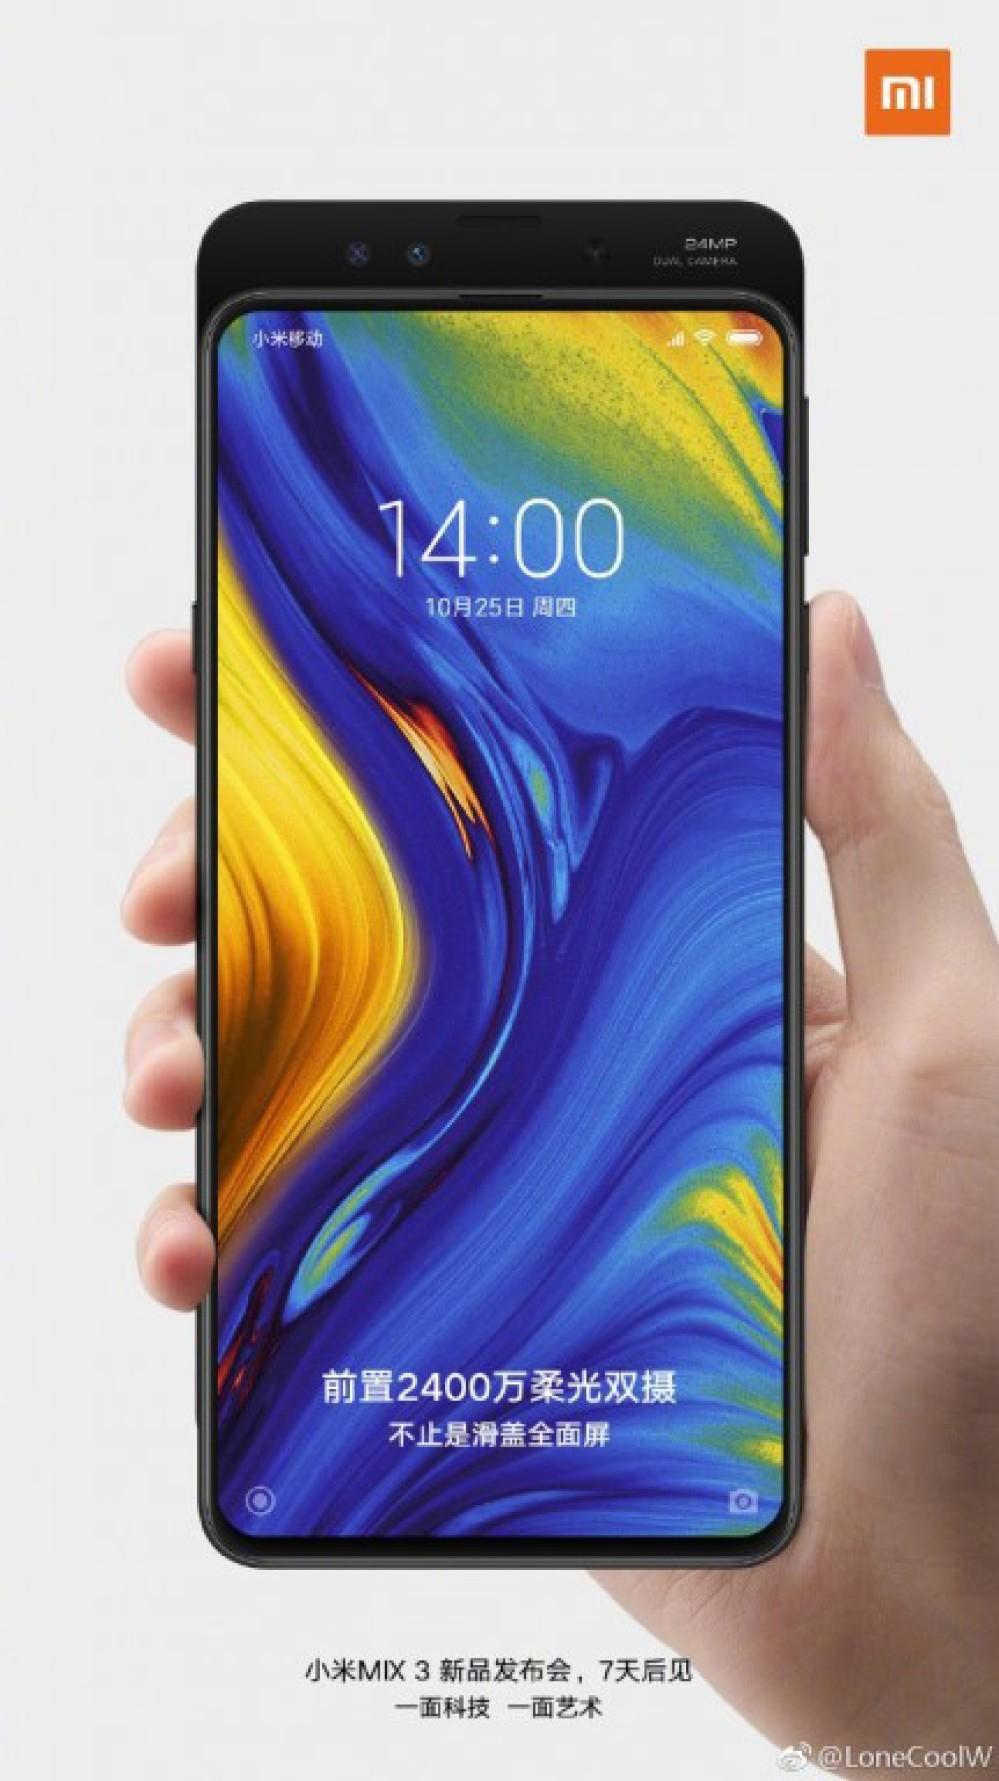 Xiaomi Mi Mix 3: Νέες φωτογραφίες αποκαλύπτουν διπλή εμπρόσθια κάμερα και αισθητήρα αποτυπωμάτων στο πίσω μέρος